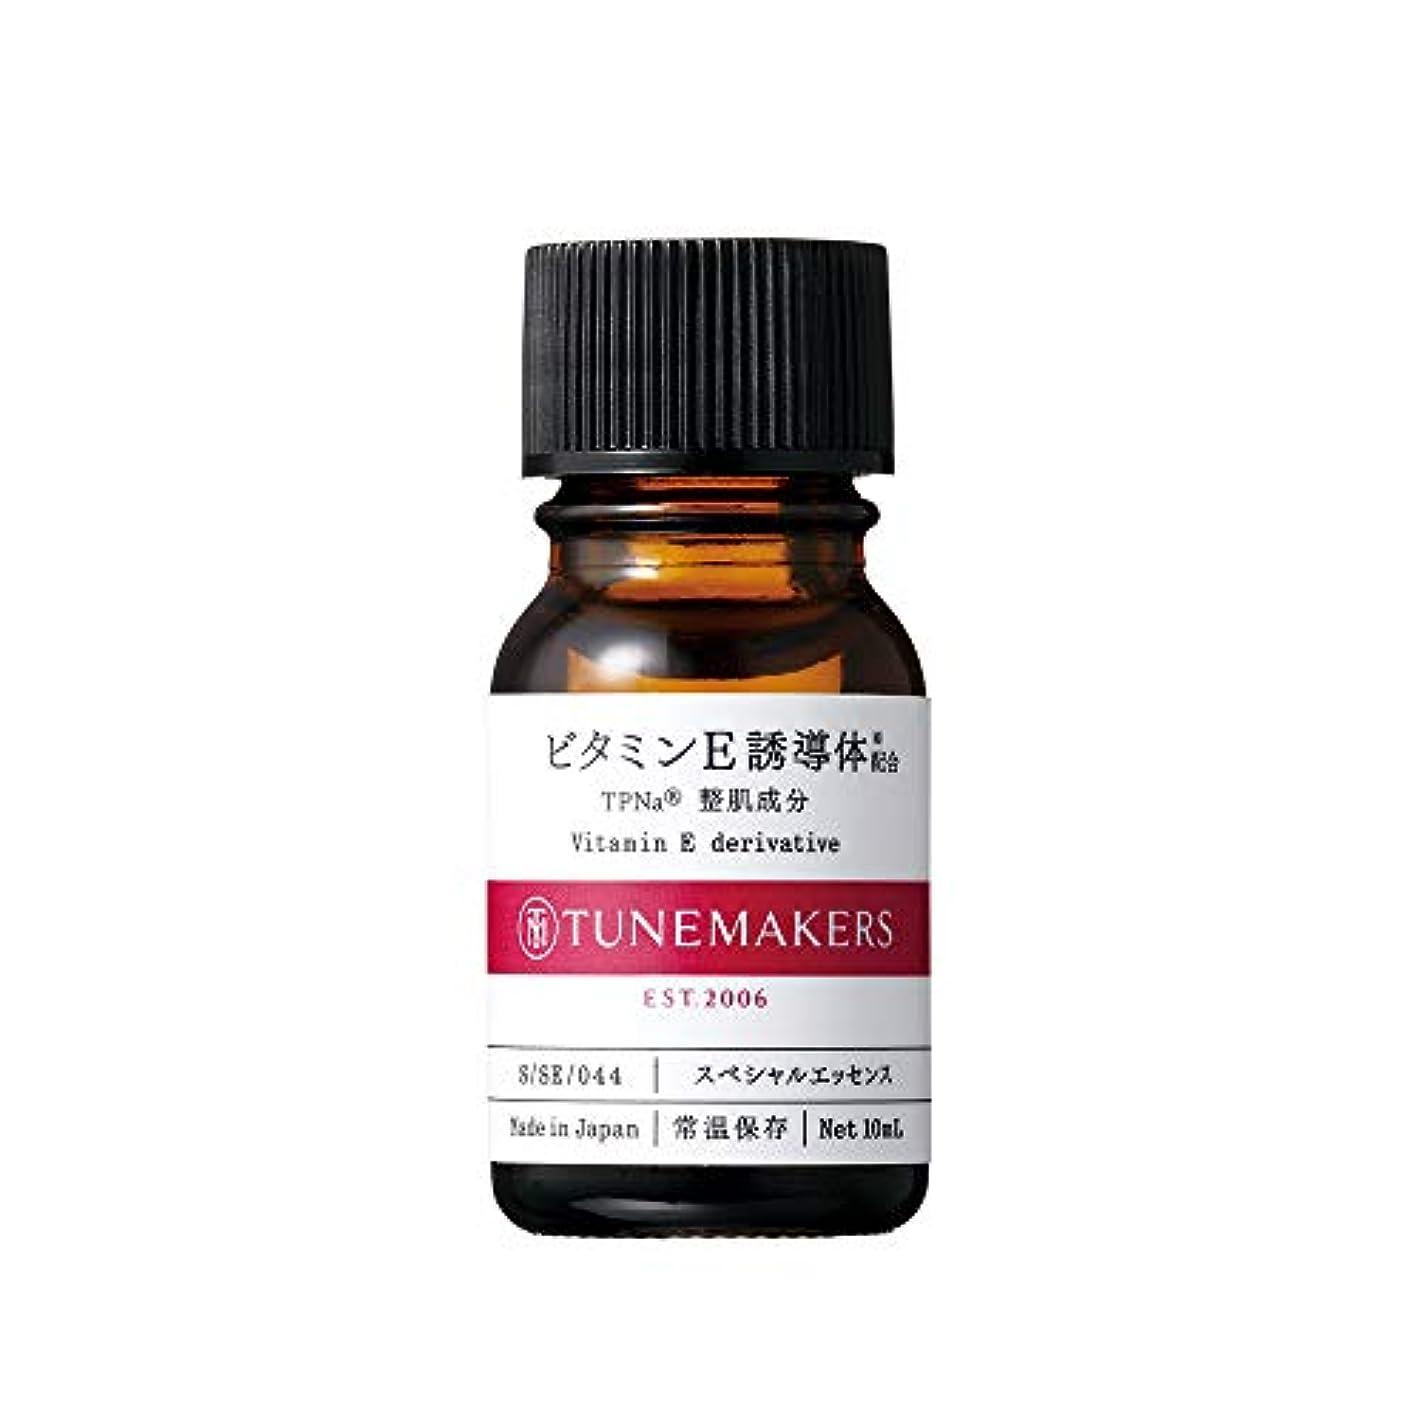 治療鉛カレンダーTUNEMAKERS(チューンメーカーズ) ビタミンE誘導体 美容液 10ml